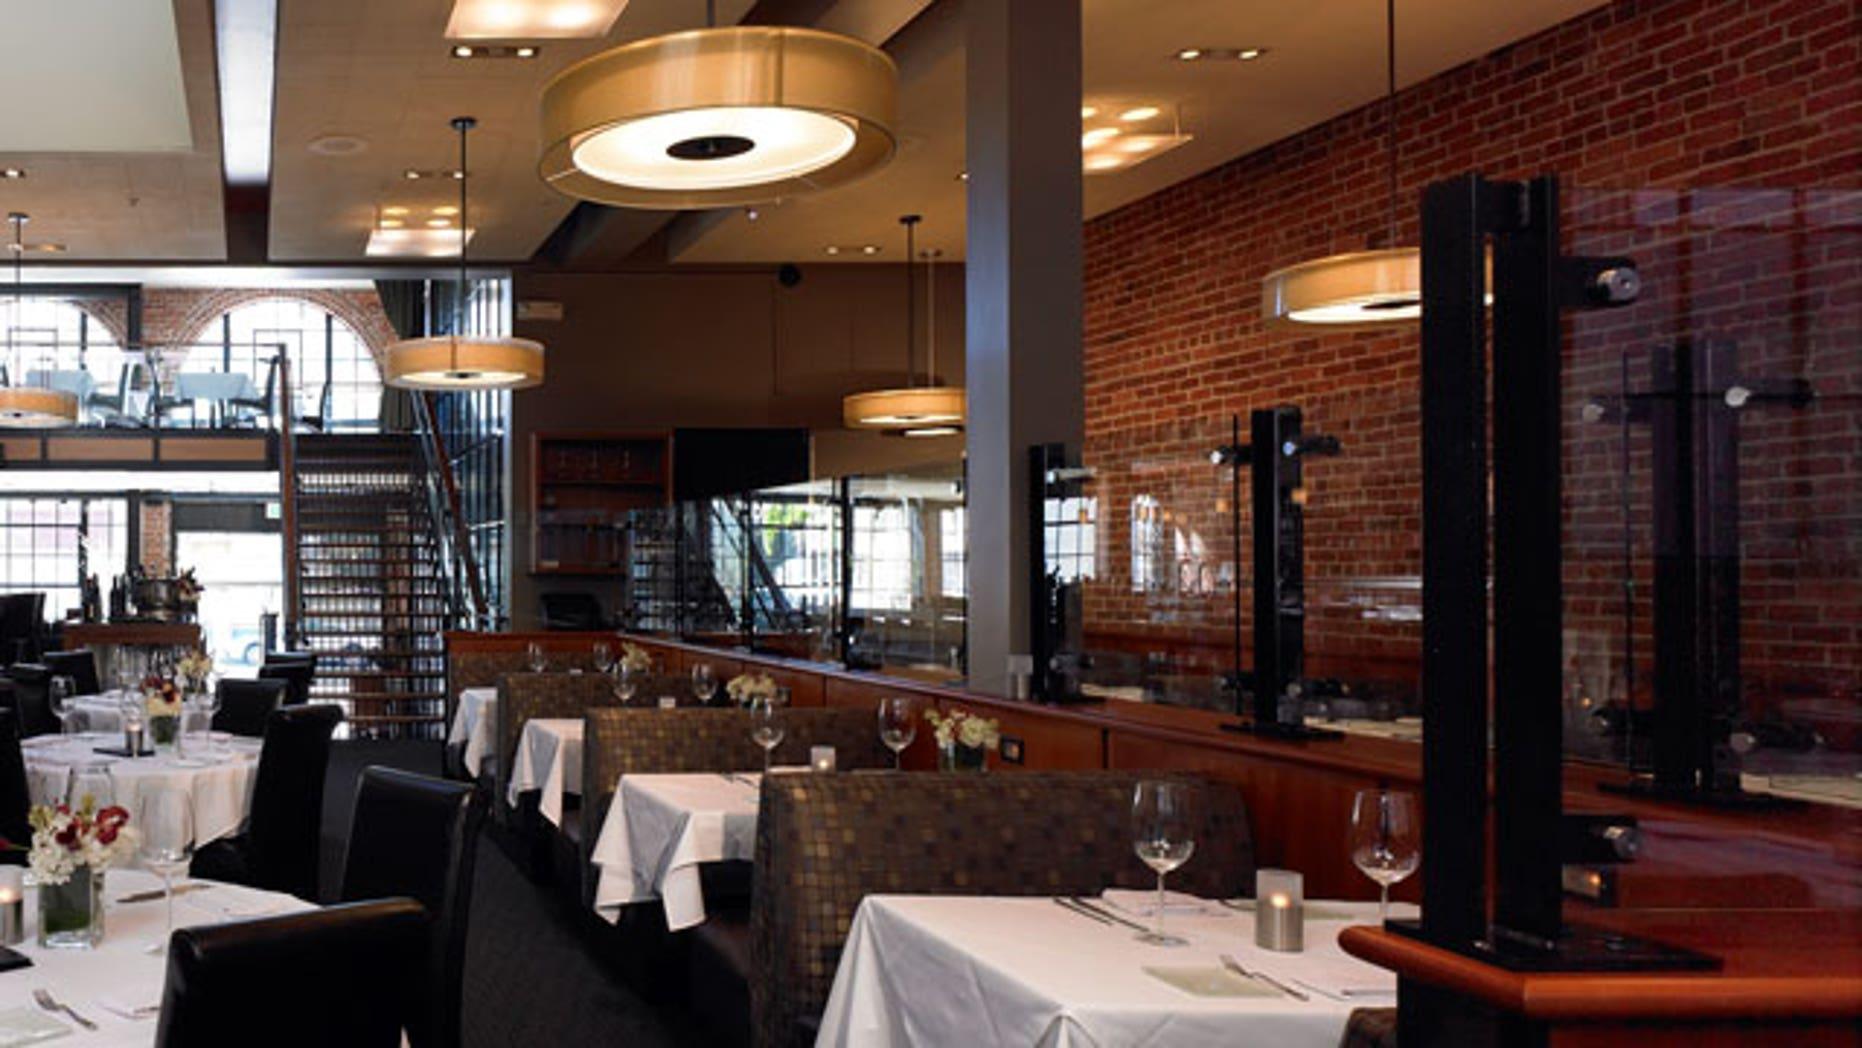 VENUE: Alexander's Steakhouse